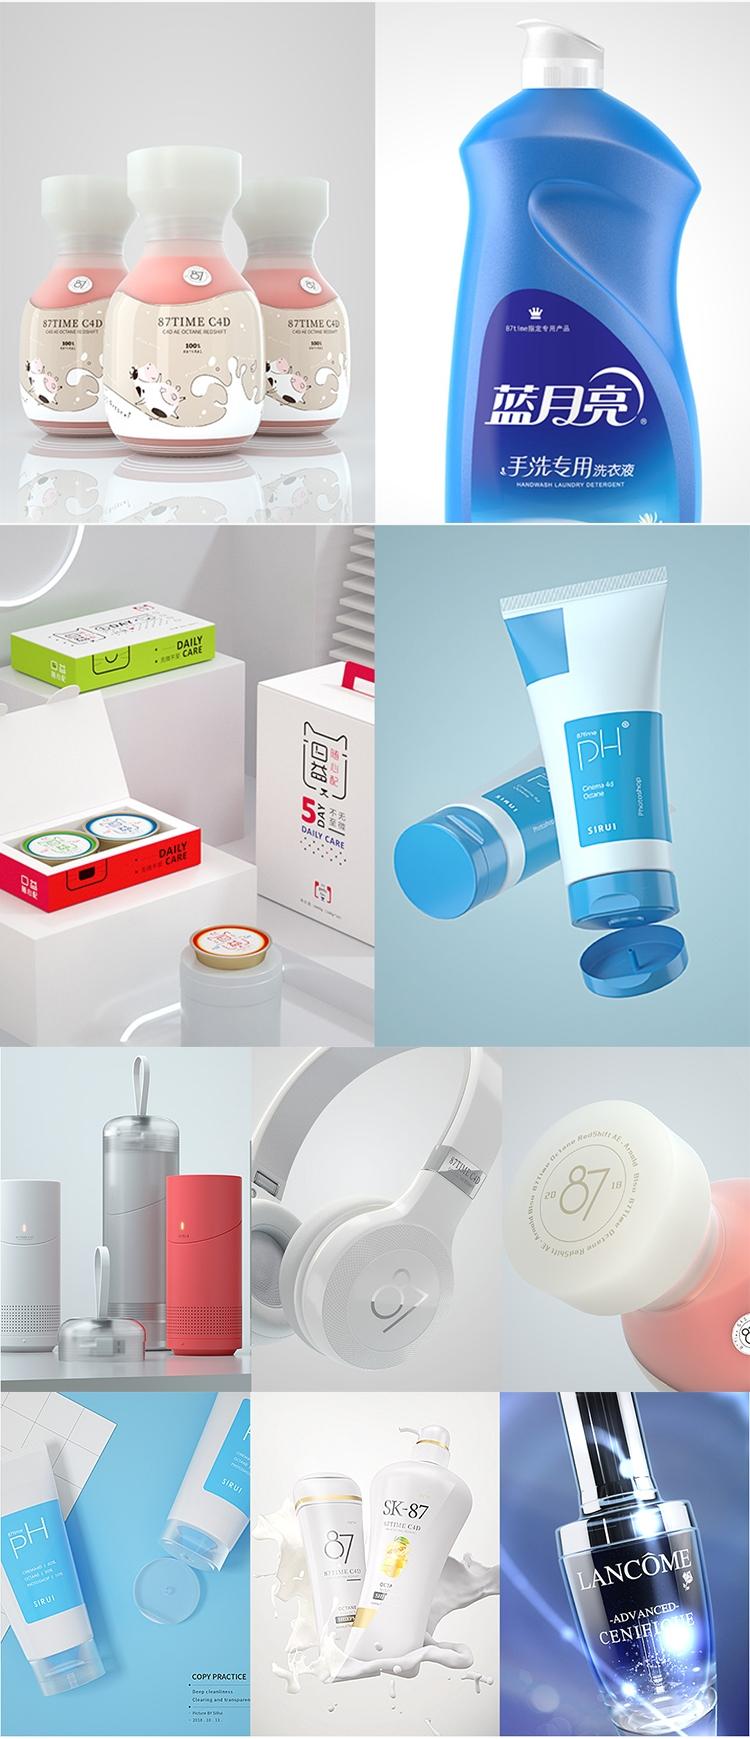 87time C4D OC电商产品建模渲染设计视频教程 高级案例带模型工程